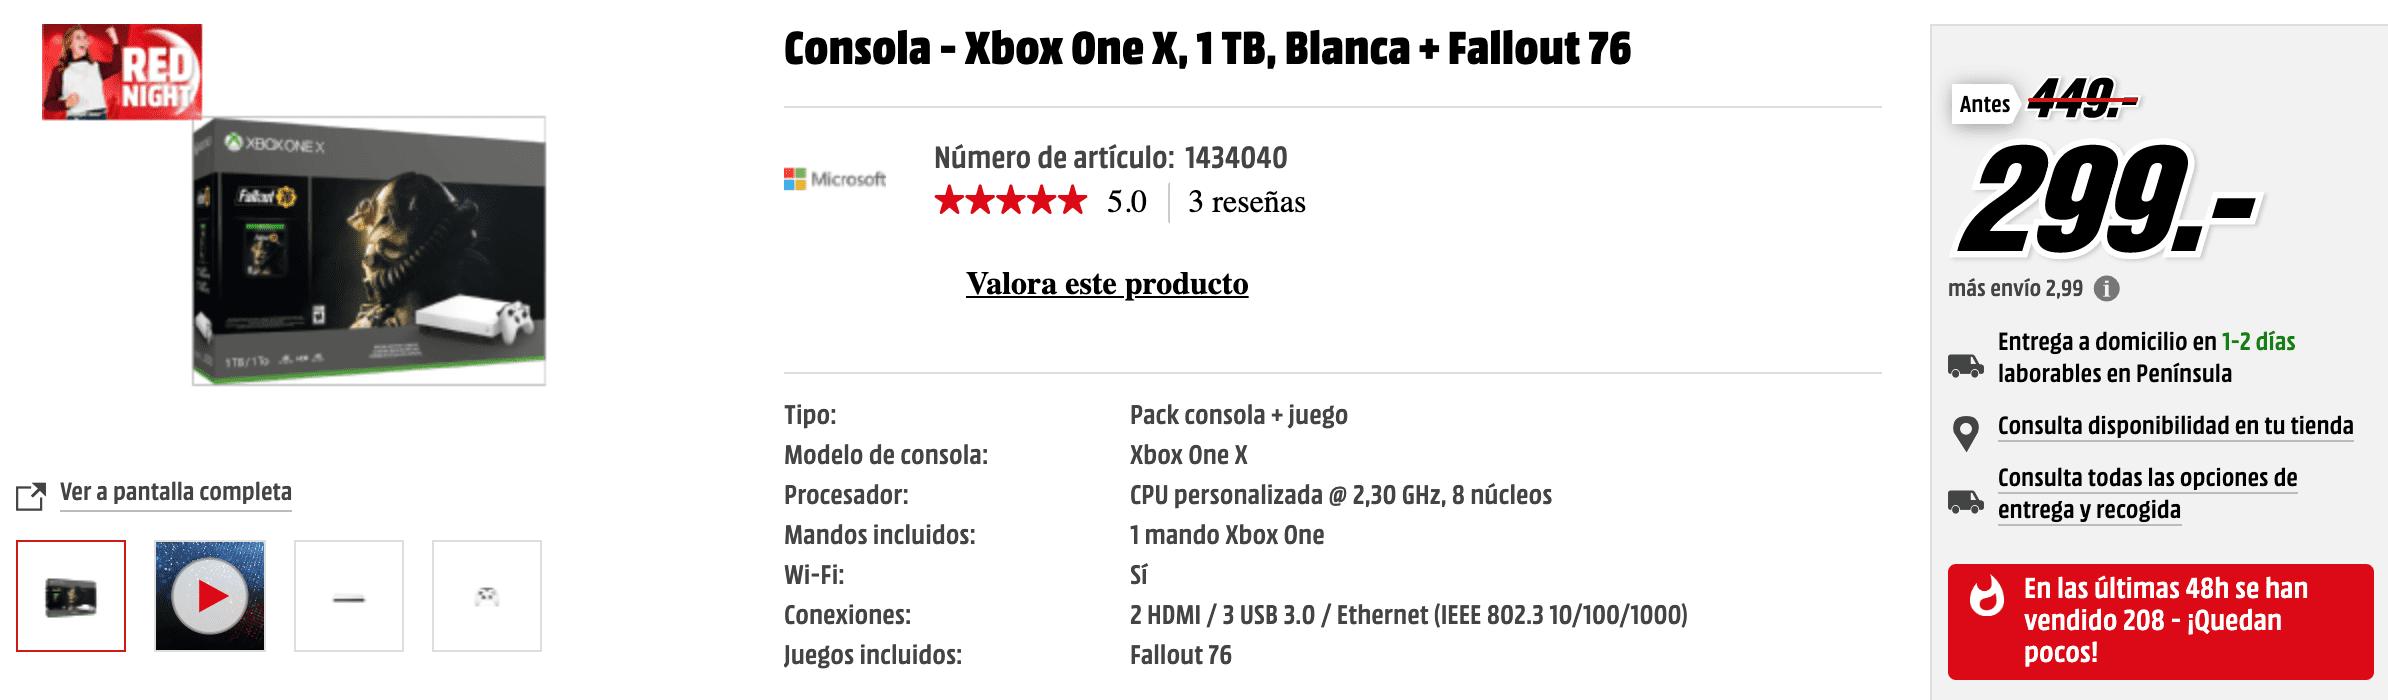 ¡Ofertón! Xbox One X con Fallout 76 por 299€ en Media Markt